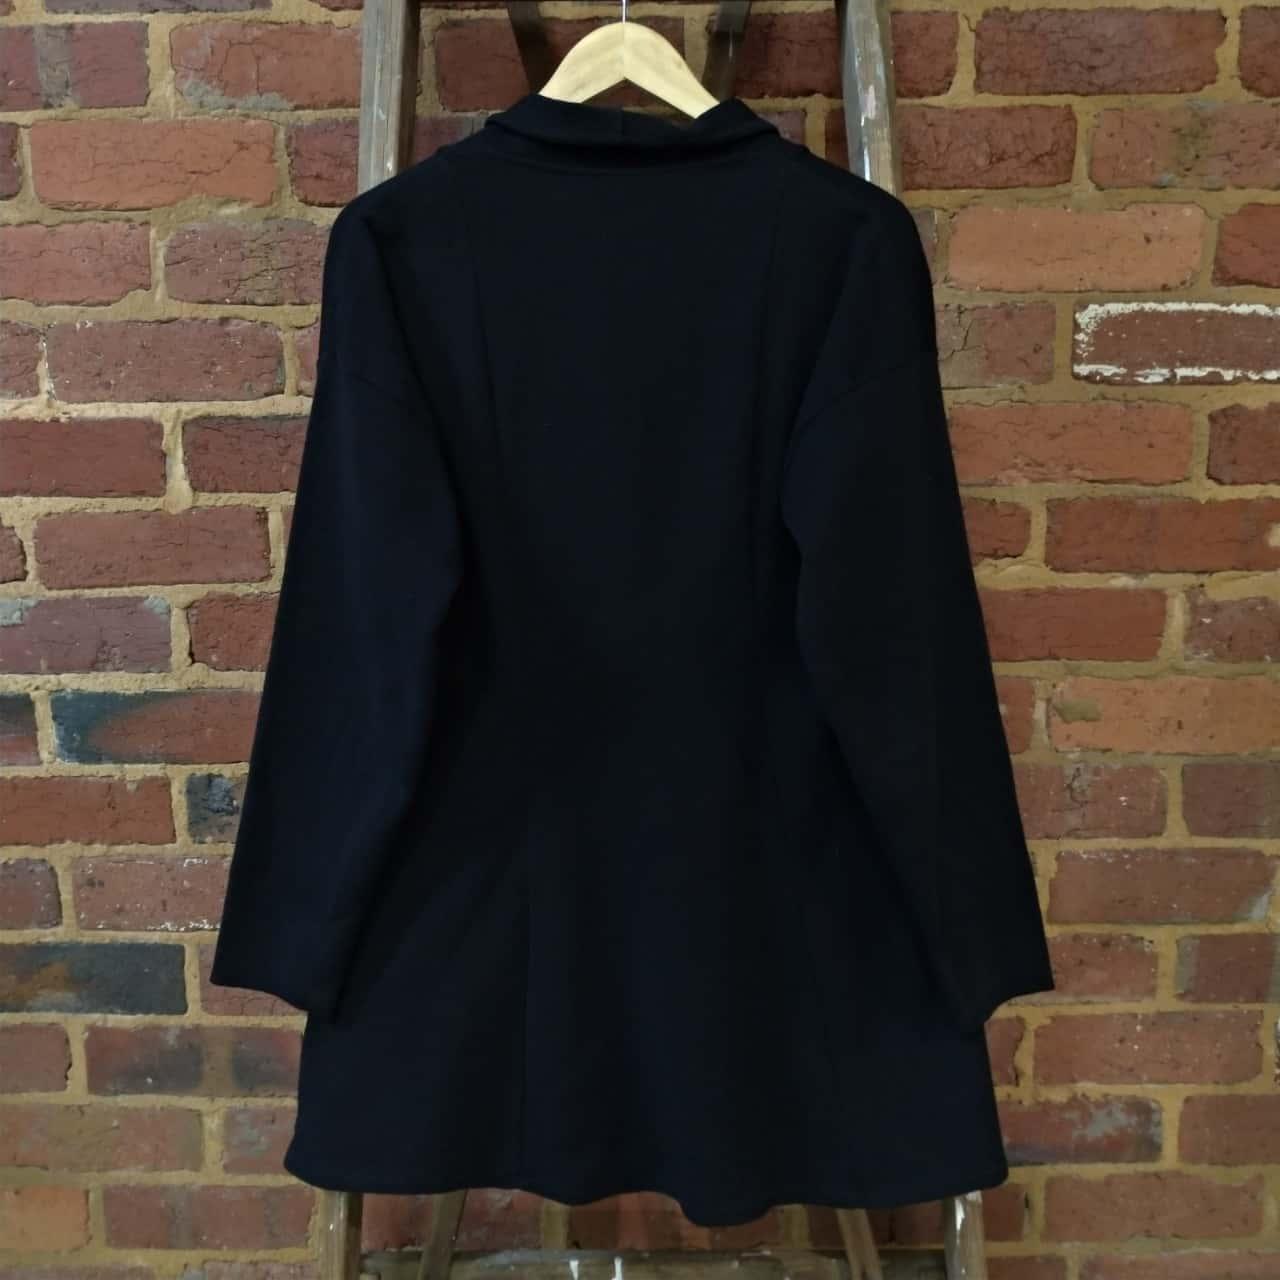 Sonny Knitwear LTD. Womens Size 14 Black Cardigan.